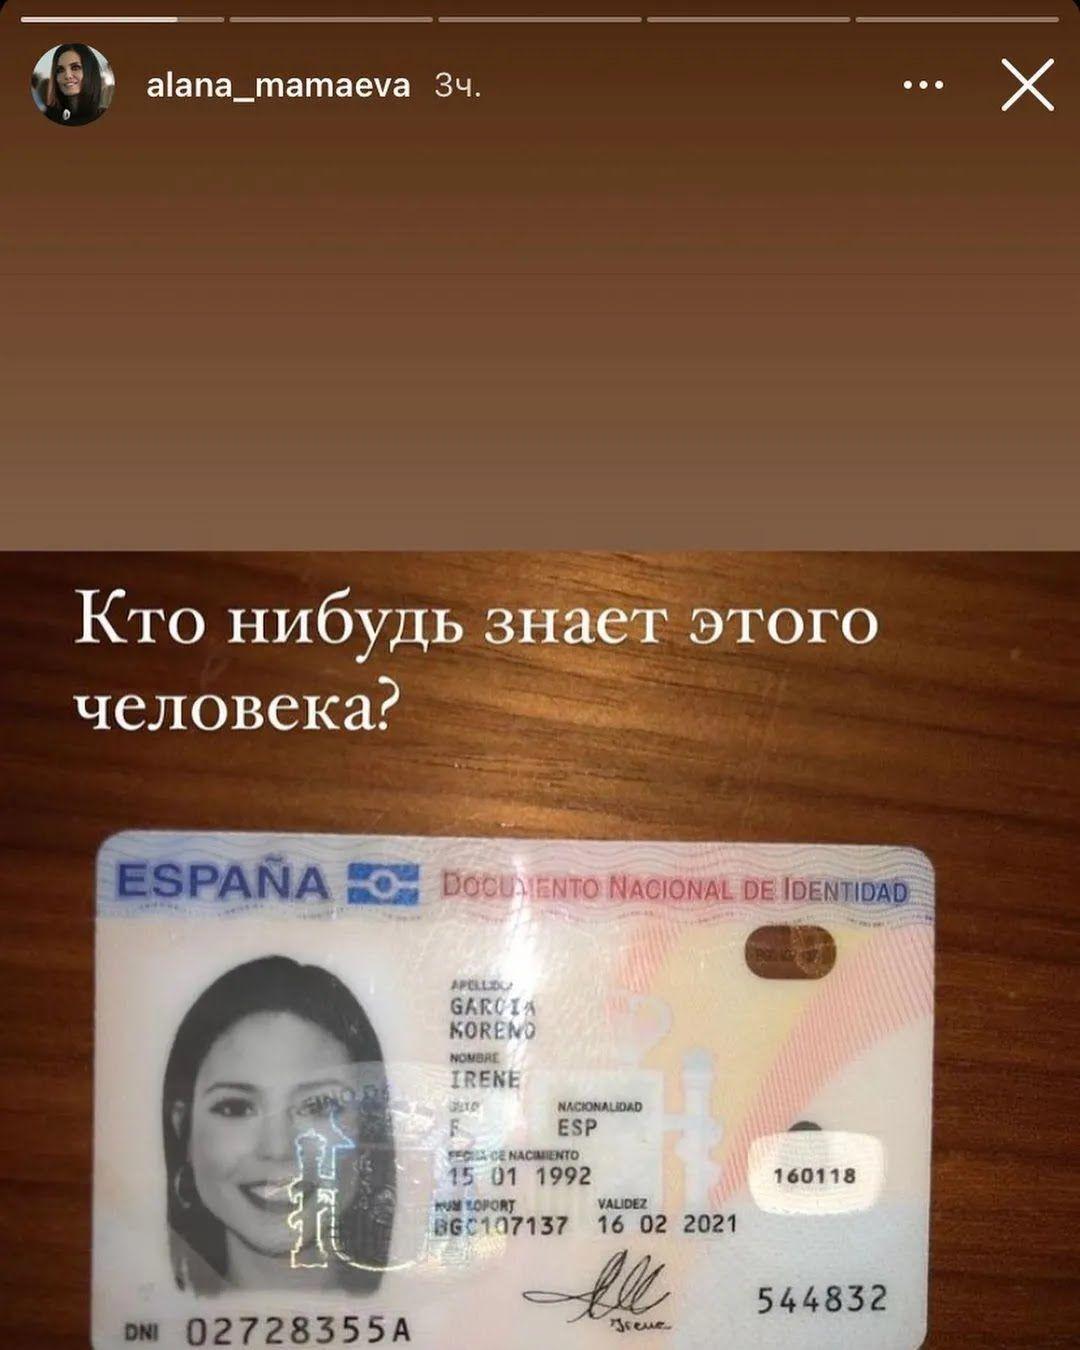 Паспорт Ирен Гарсия Корено